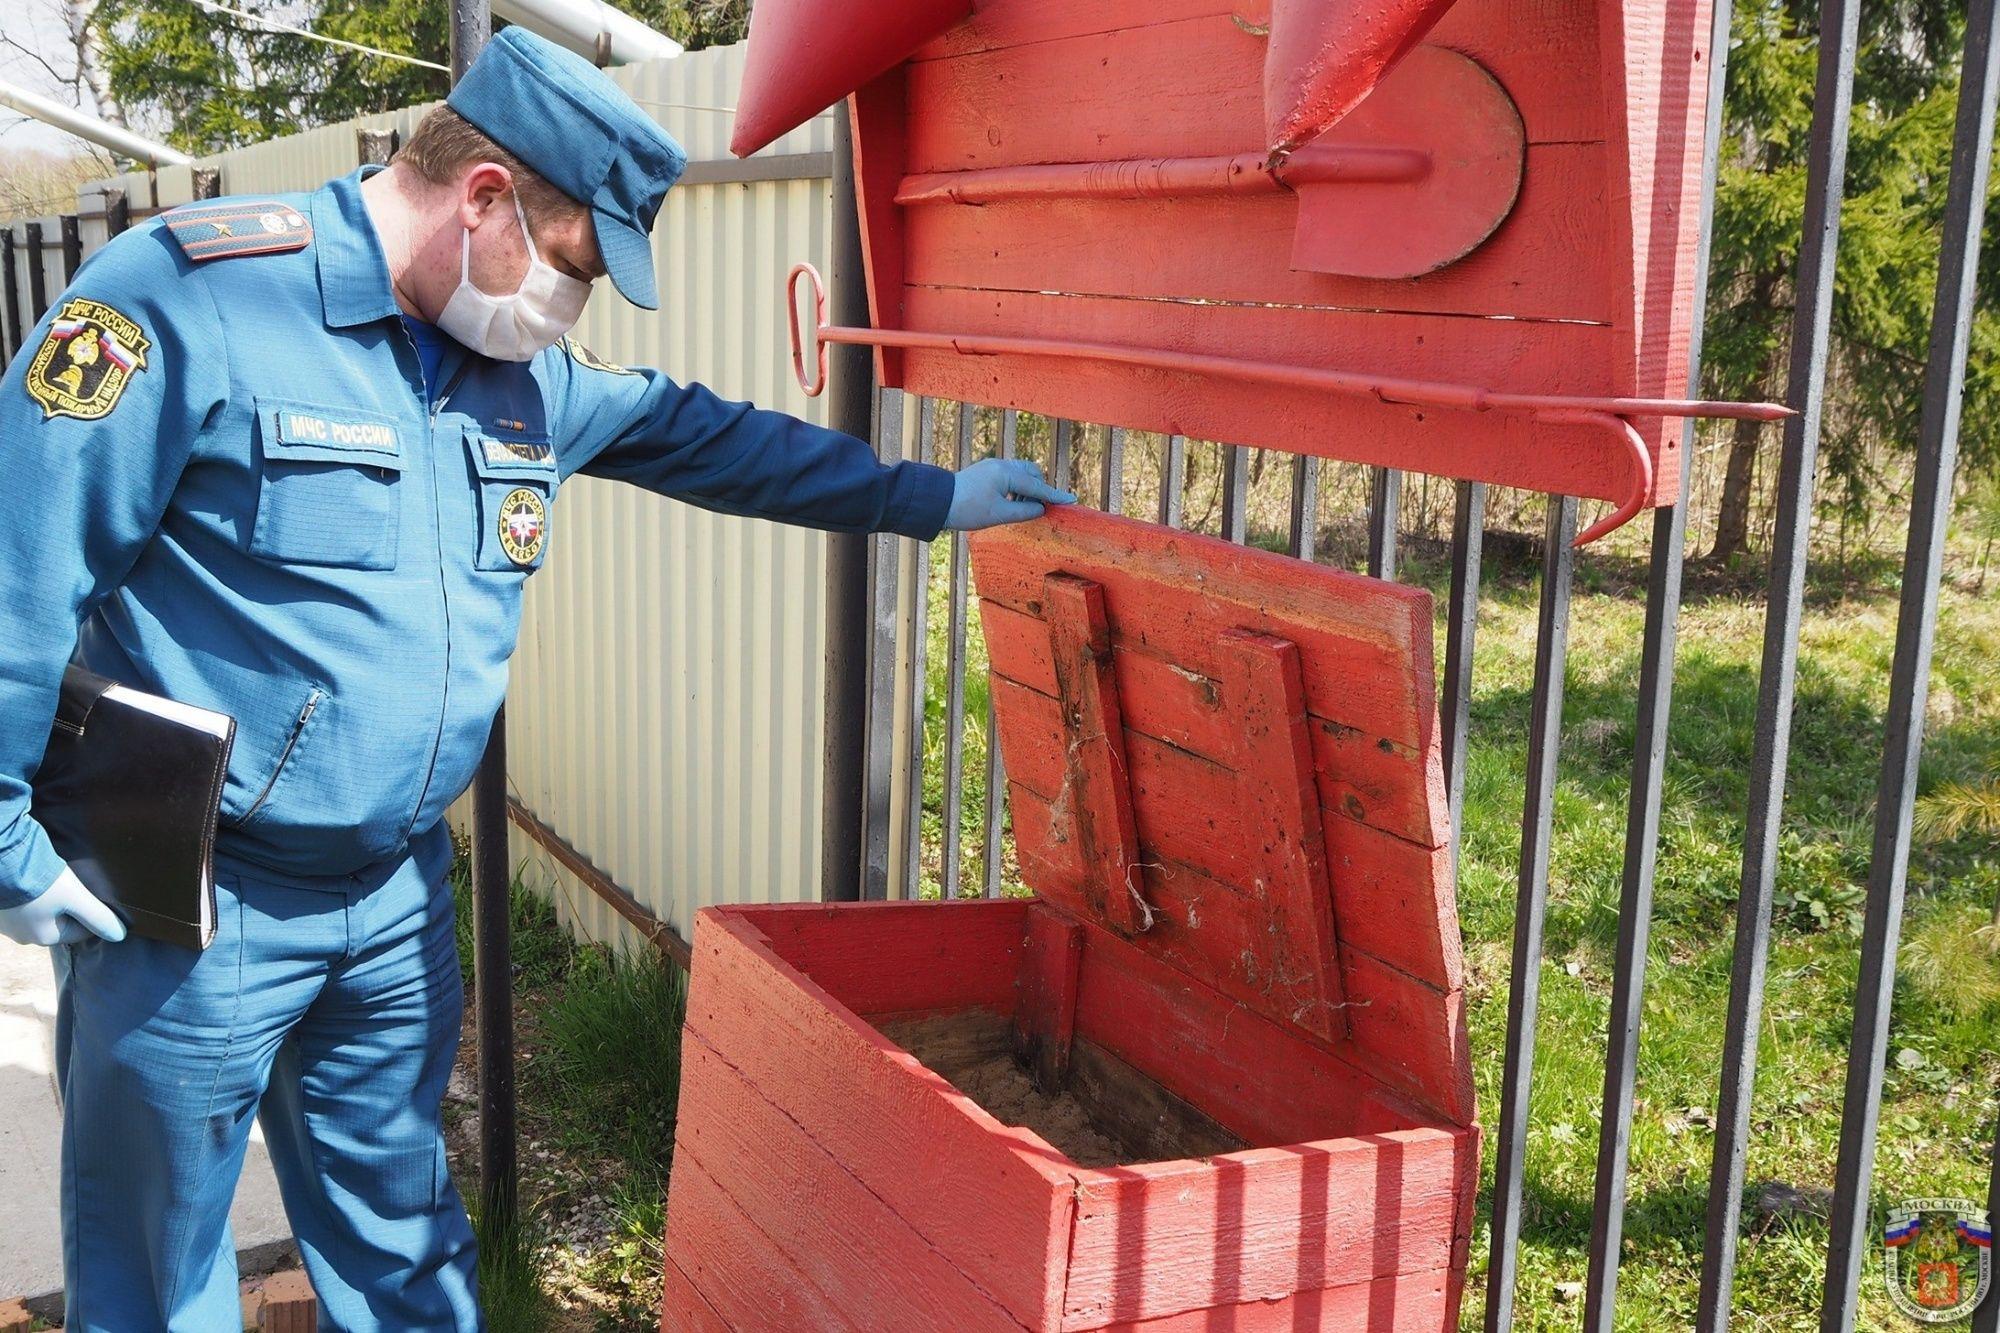 МЧС Москвы просит не забывать о правилах пожарной безопасности, находясь на своих приусадебных участках